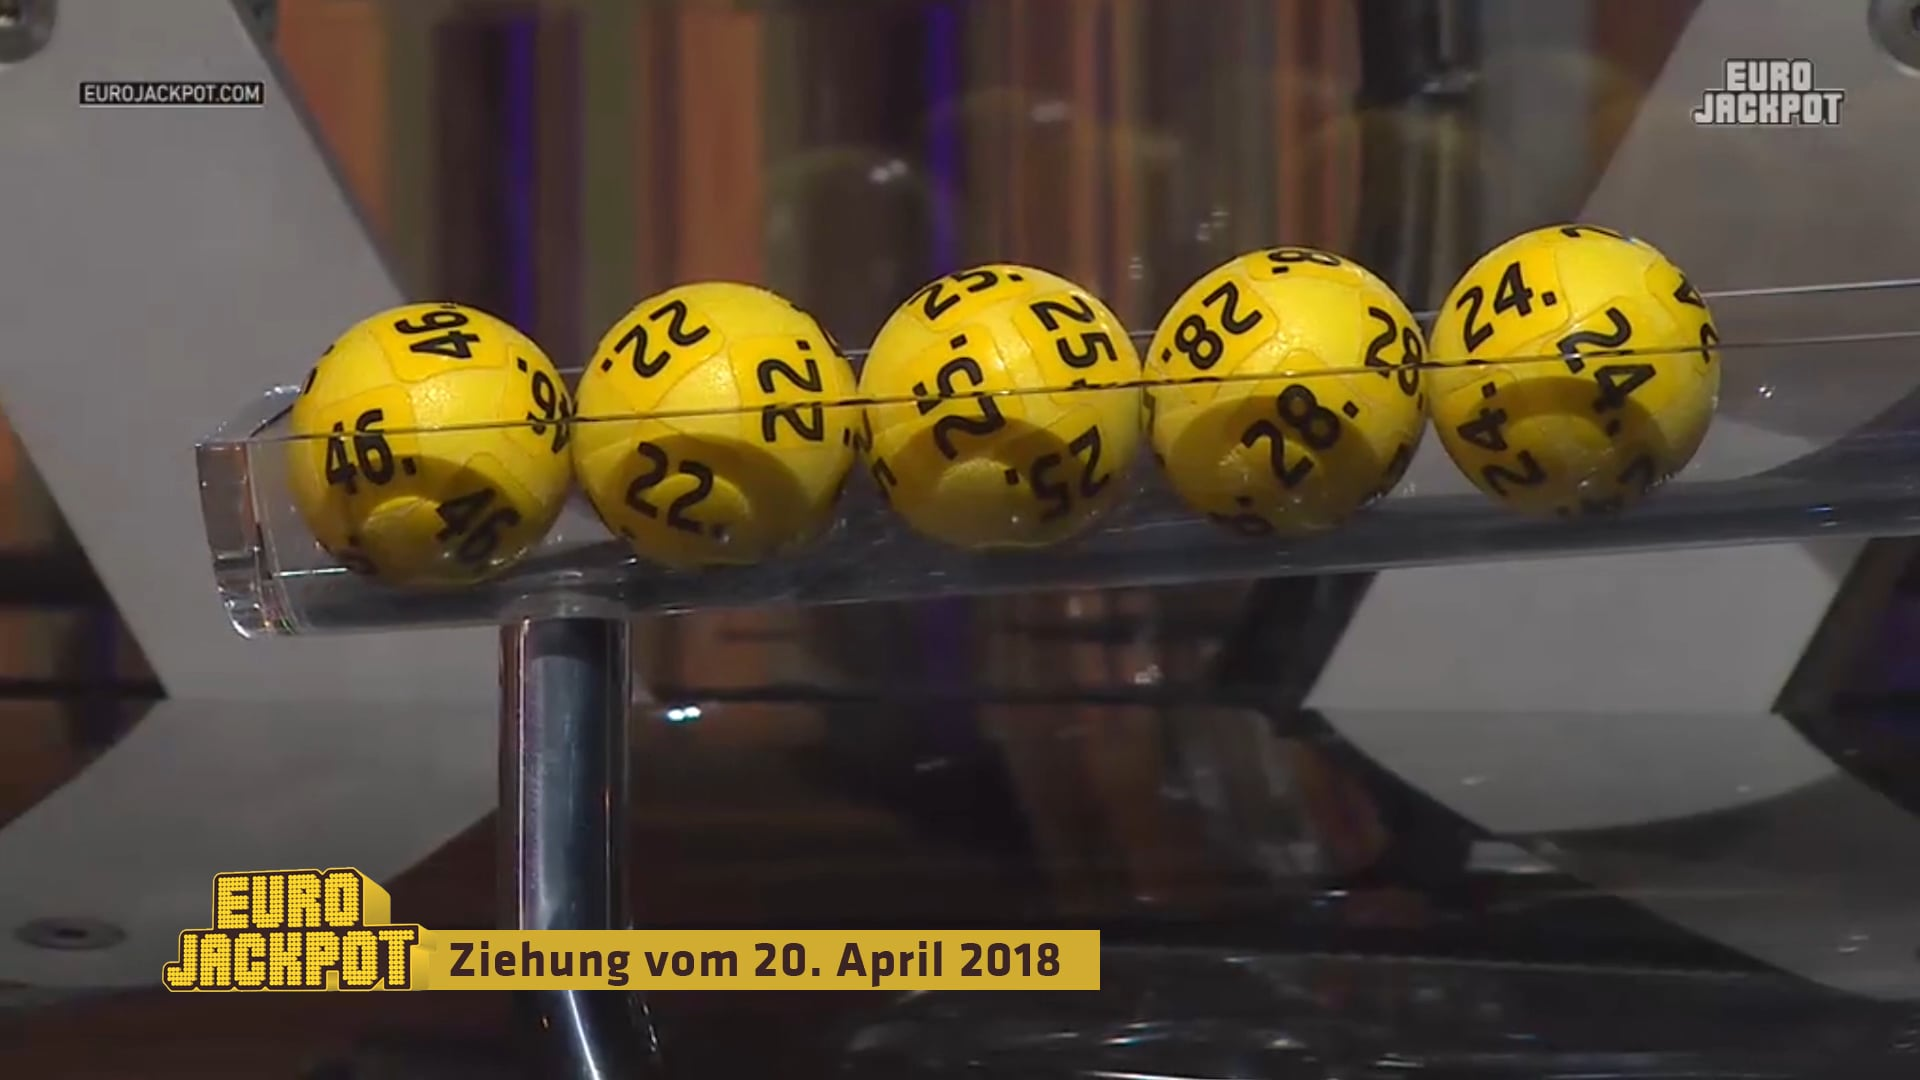 Eurojackpot Ziehung 17.4 20